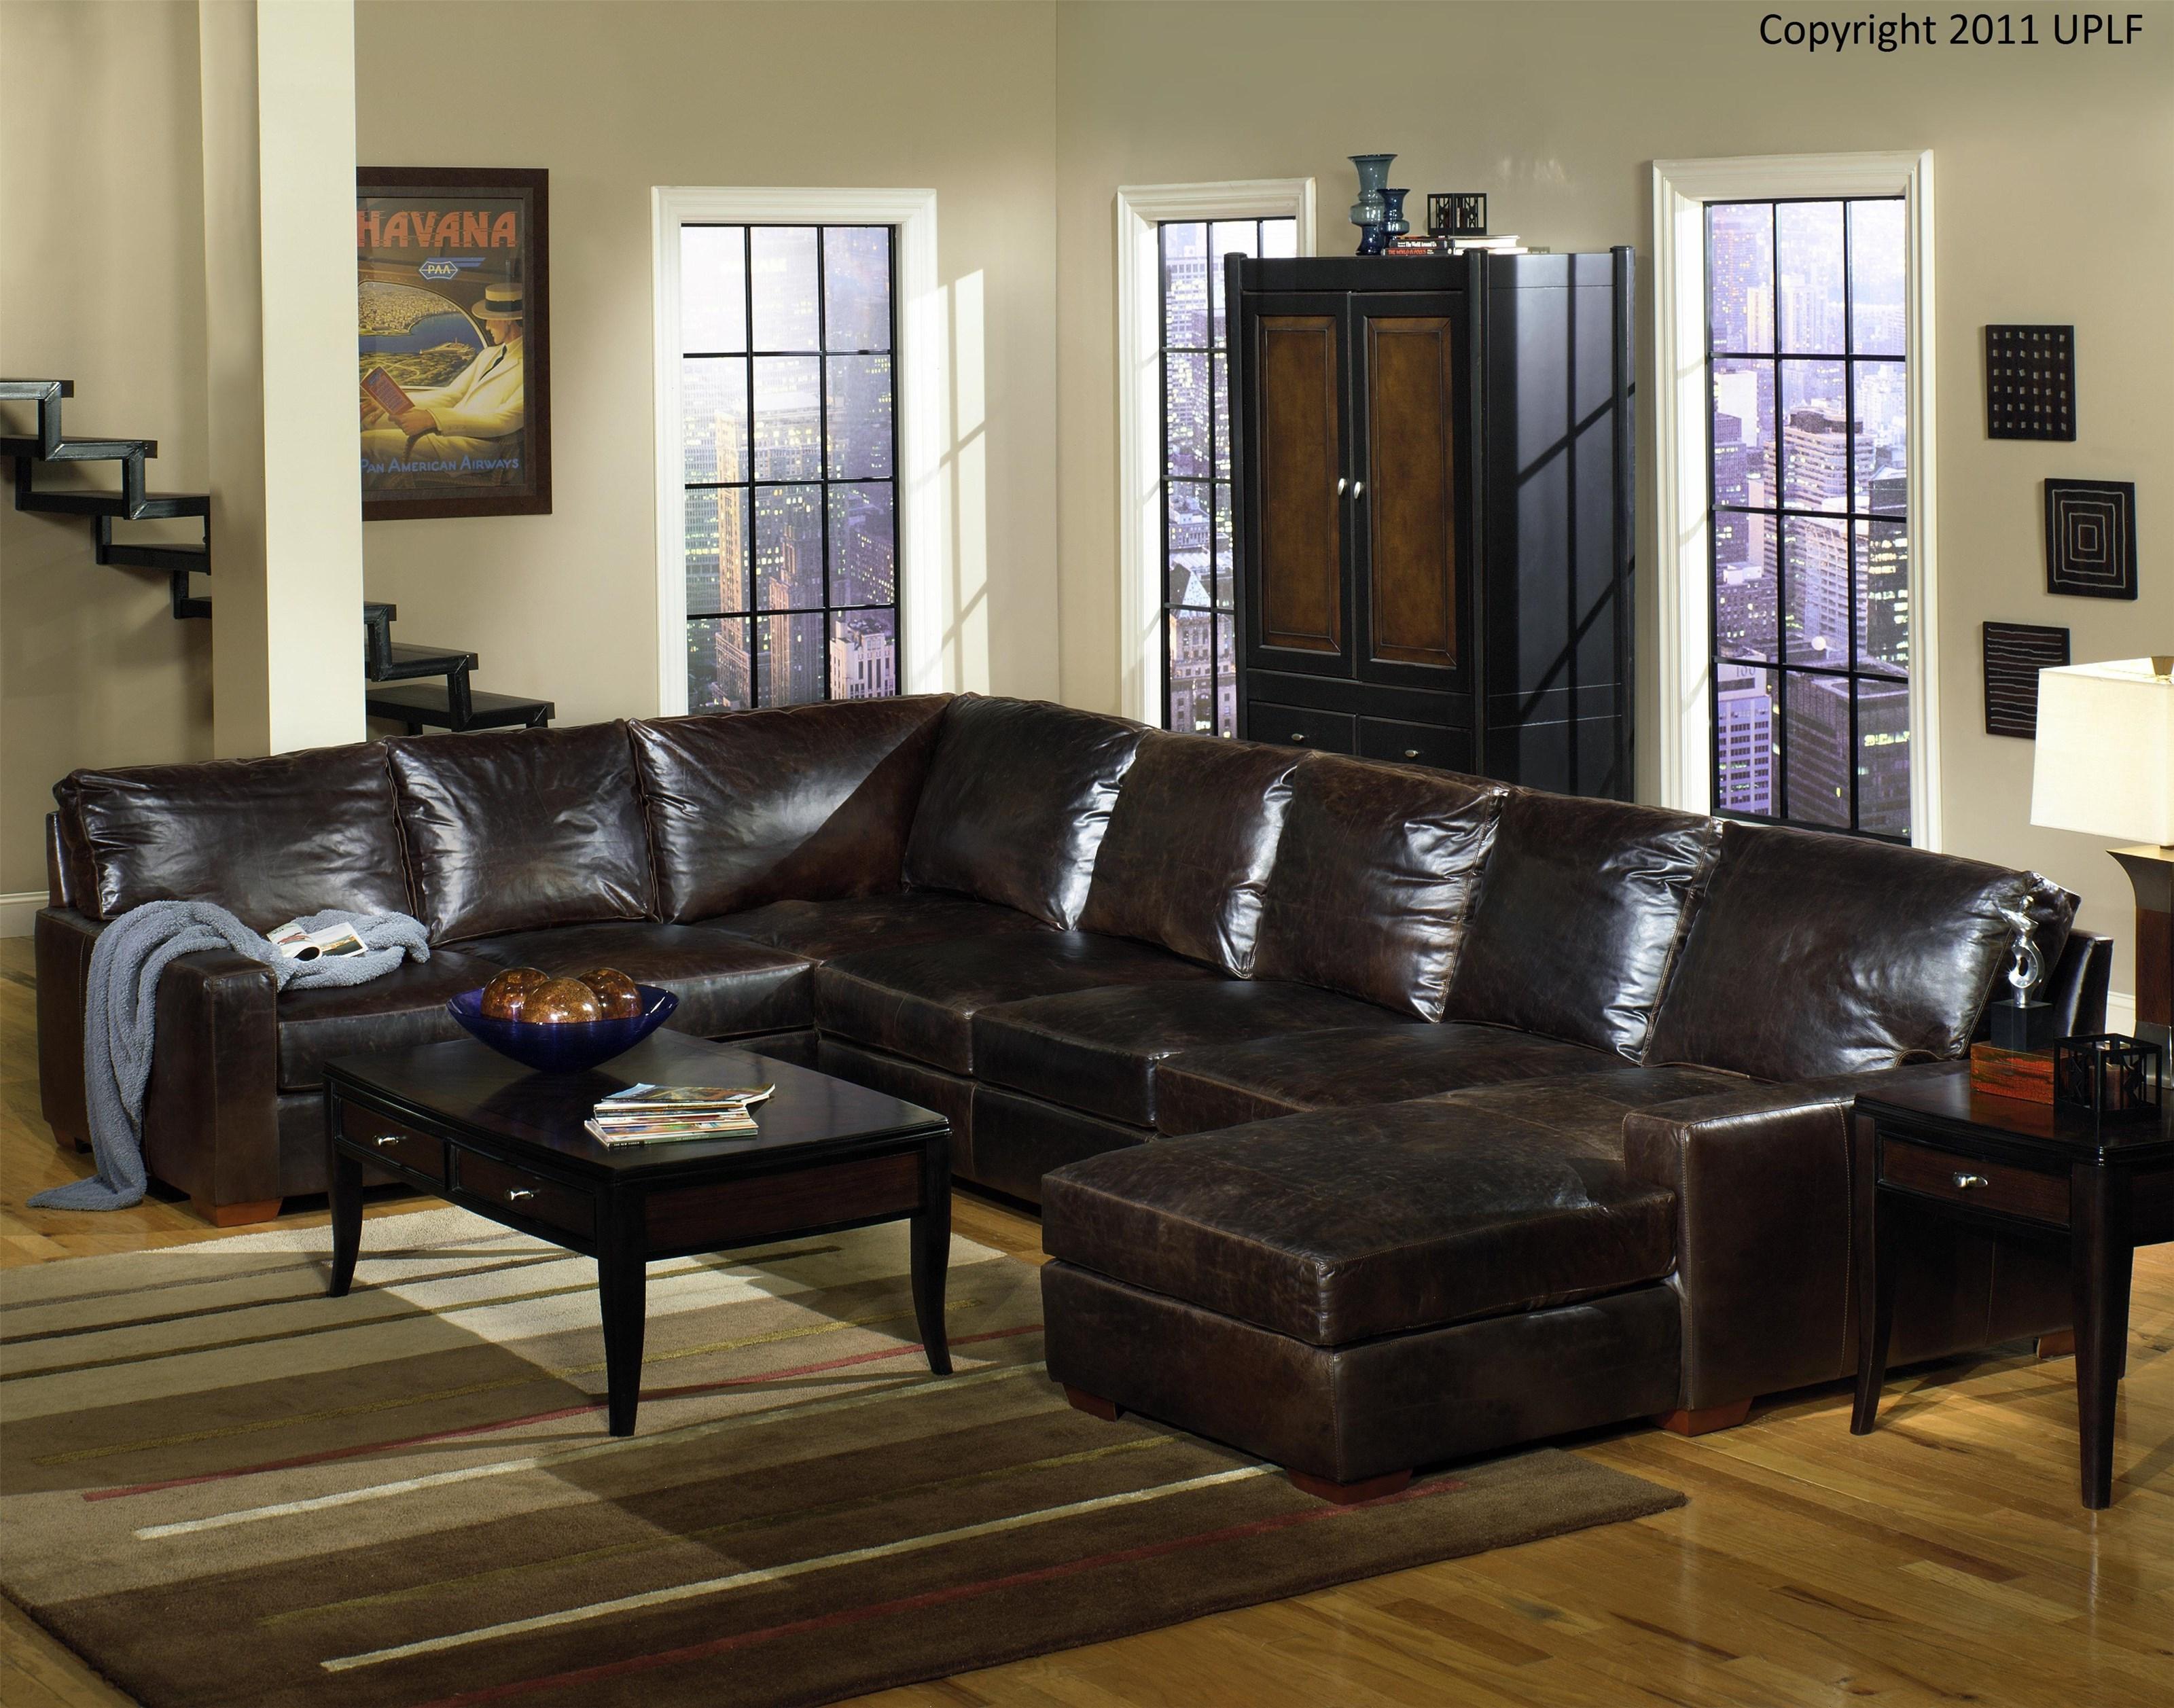 Frasier Fraiser Full Grain Leather Sectional Sofa by USA Premium Leather at Morris Home